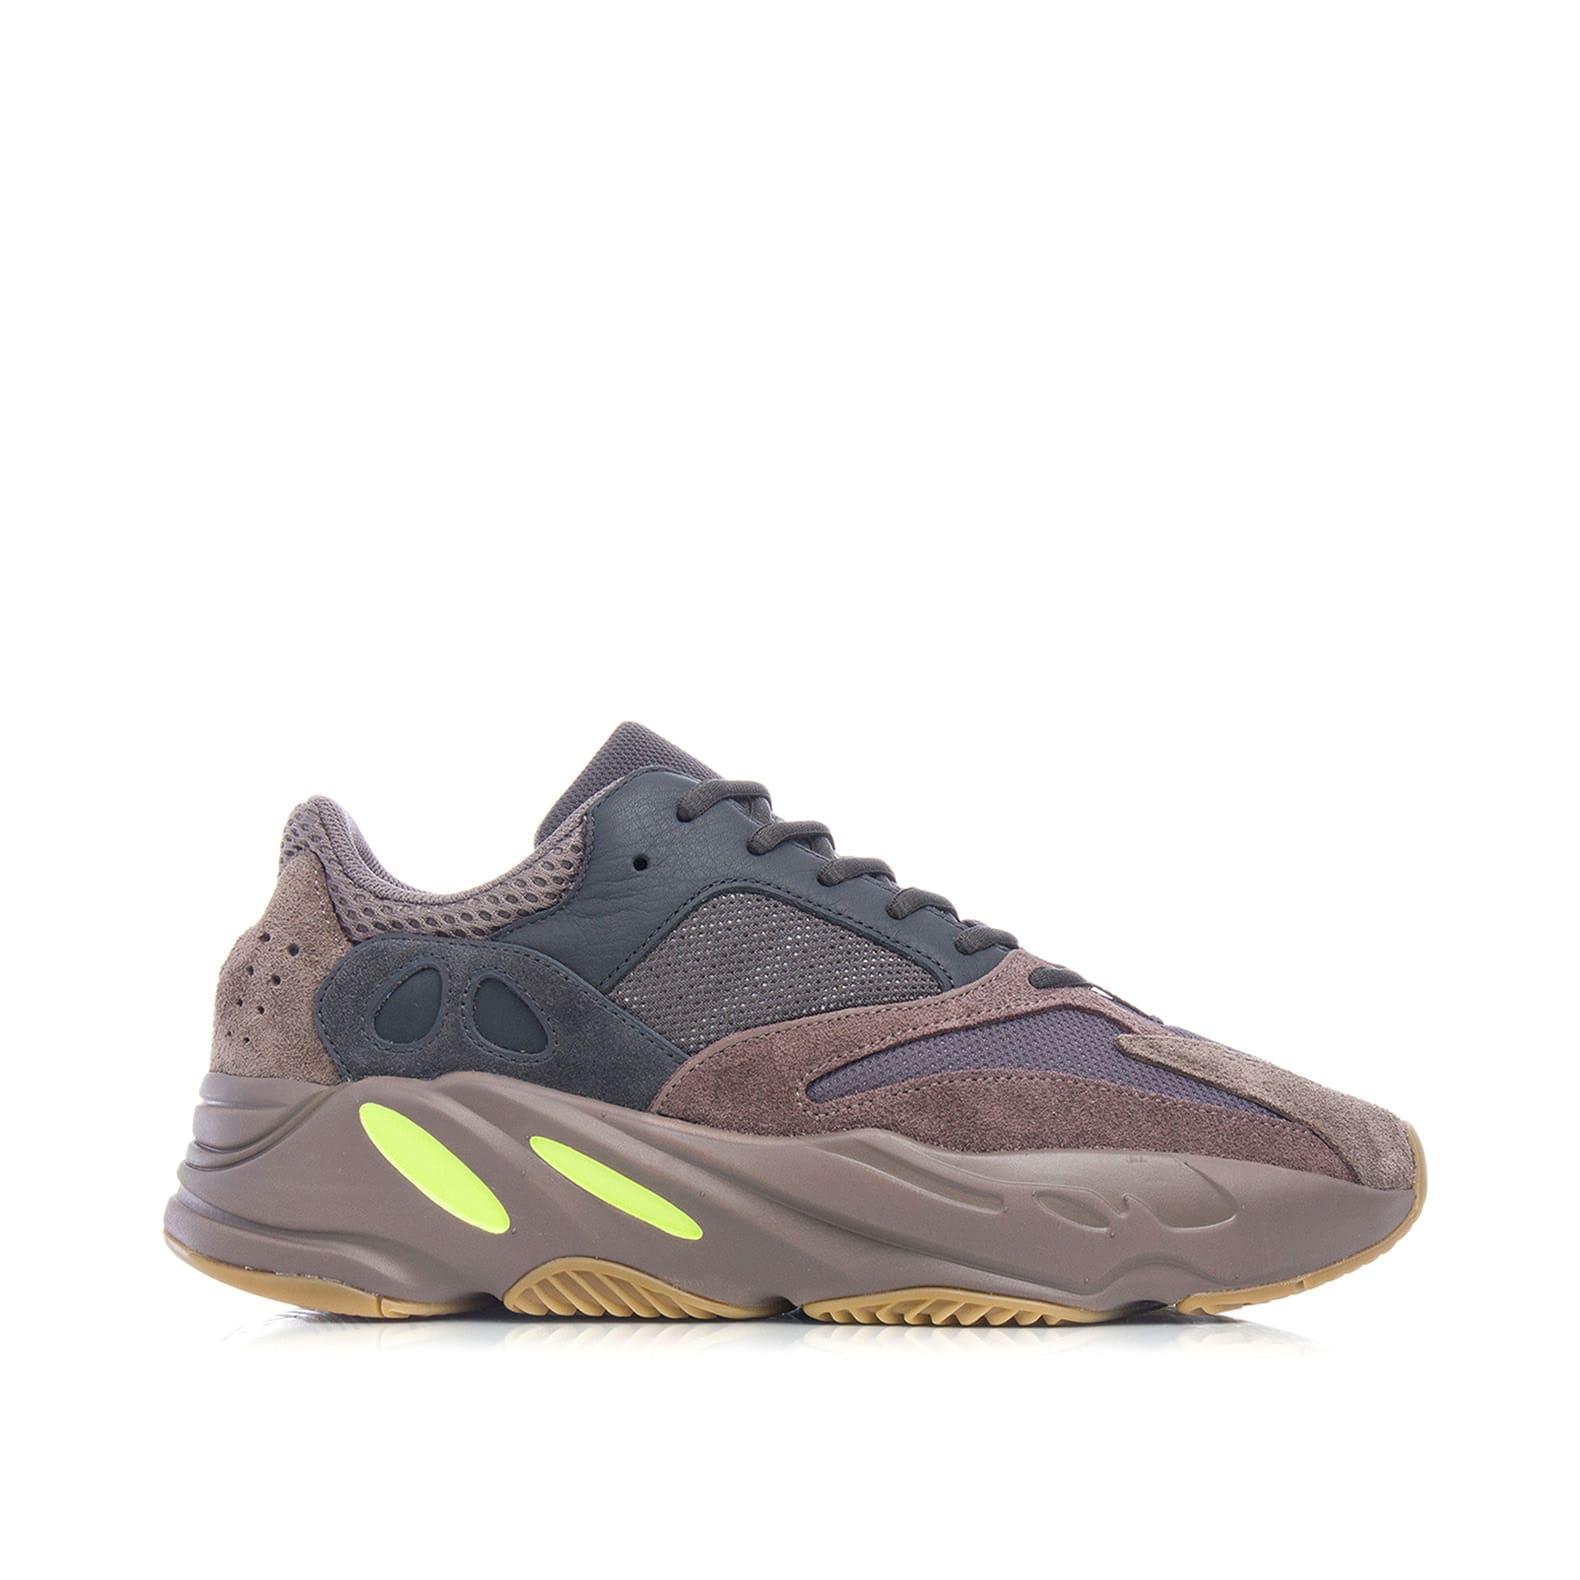 2cdeae263 Купить оригинальные кроссовки adidas Yeezy Boost 700 «Mauve» — цены ...